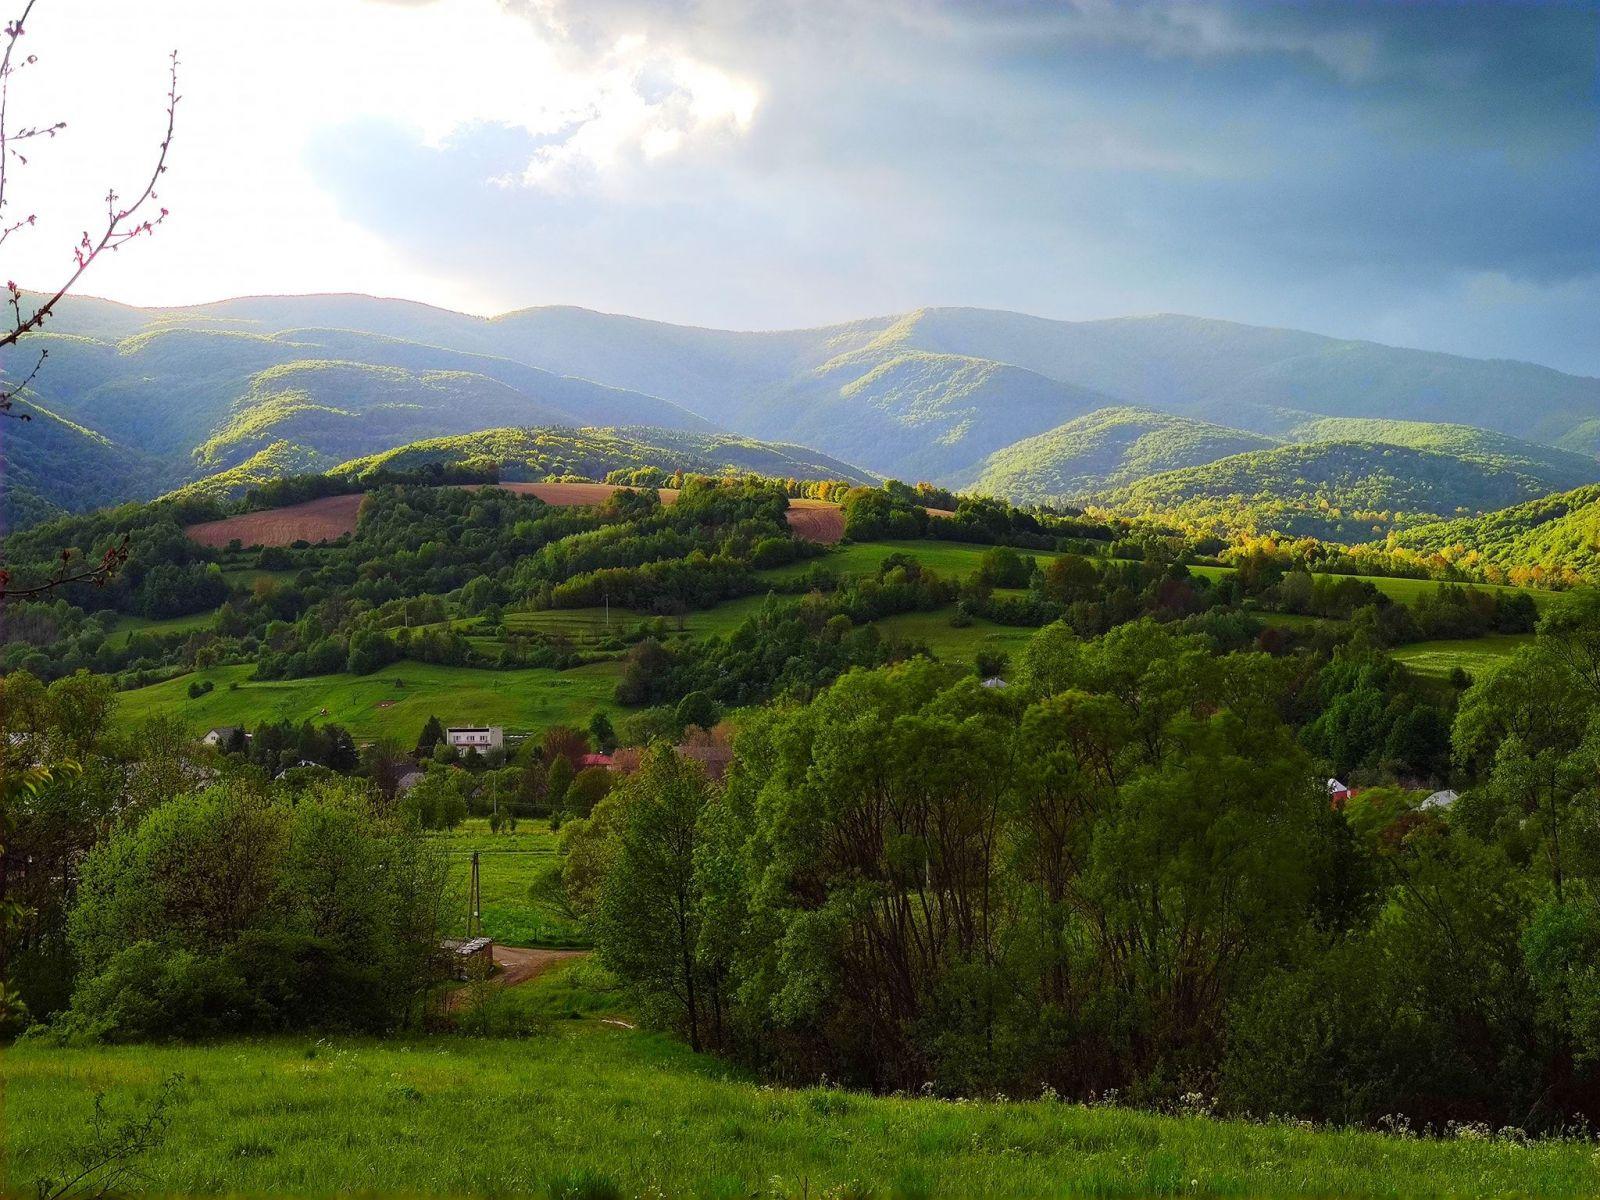 Národný park Poloniny na severovýchode Slovenska susedí s poľskými Bieszczadami aj ukrajinskými Karpatami.